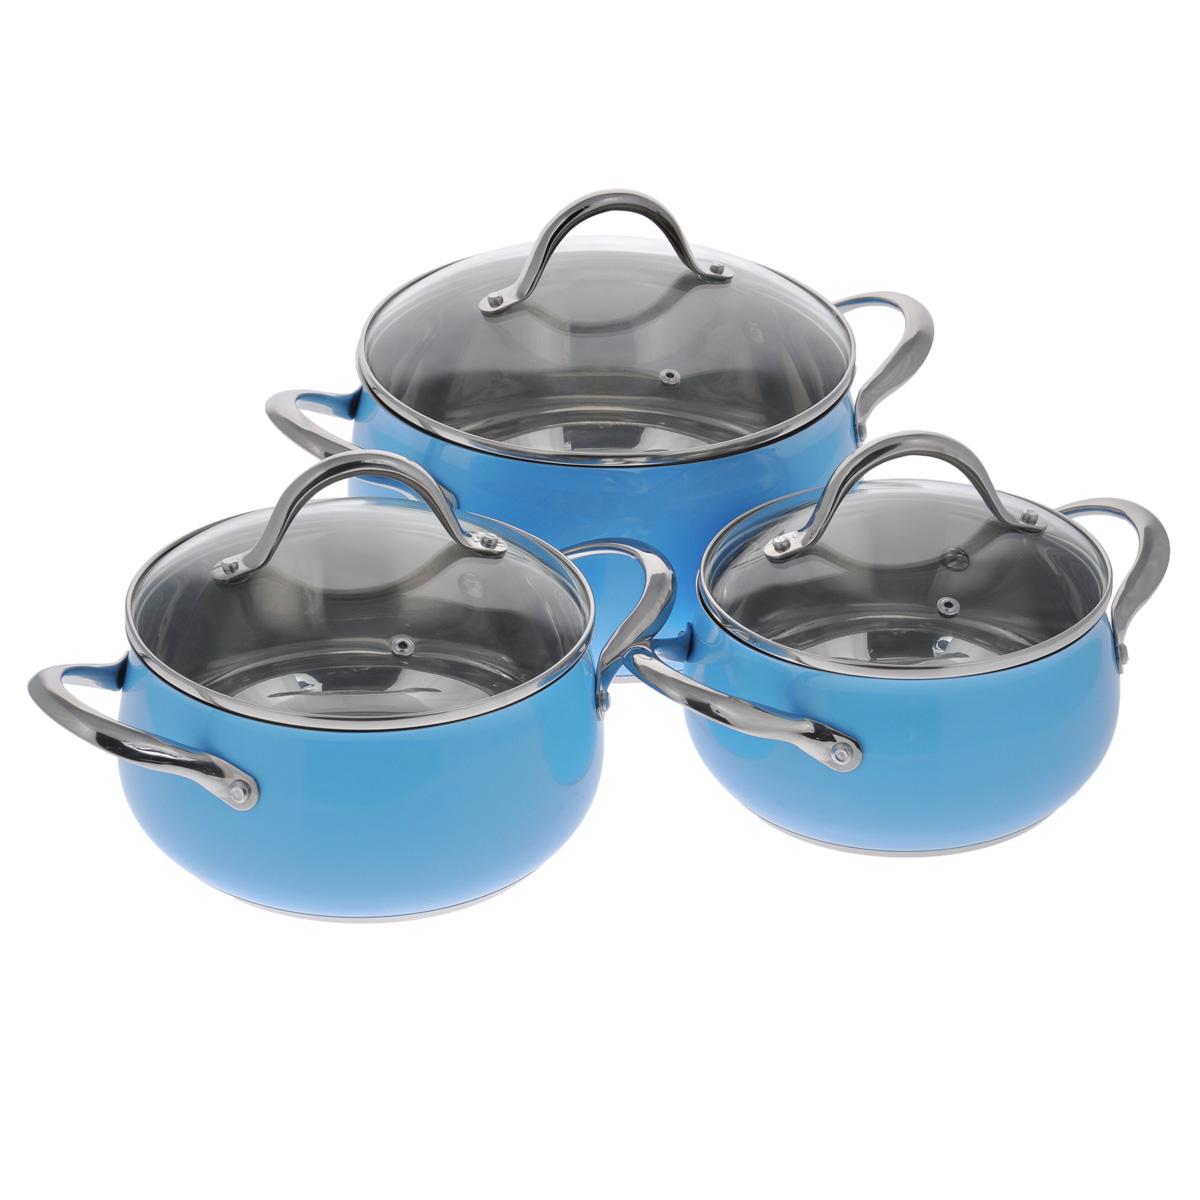 Набор посуды Winner, цвет: голубой, 6 предметов. WR-1103WR-1103В набор посуды Winner входят 3 кастрюли с крышками. Вся посуда выполнена из высококачественной нержавеющей стали 18/10, а идеально ровная внутренняя поверхность значительно облегчает мытье. Энергосберегающее, капсулированное дно быстро и равномерно распределяет тепло. Цветной корпус придает набору особо эстетичный внешний вид. Предметы набора оснащены двумя удобными ручками из нержавеющей стали. Крышки, выполненные из термостойкого стекла с ободком из нержавеющей стали и пароотводом, позволят вам следить за процессом приготовления пищи. Крышки плотно прилегают к краям посуды, предотвращая проливание жидкости и сохраняя аромат блюд. Подходит для газовых, электрических, стеклокерамических и индукционных плит. Можно мыть в посудомоечной машине. Набор посуды Winner - идеальный подарок для современных хозяек, которые следят за своим здоровьем и здоровьем своей семьи. Эргономичный дизайн и функциональность набора позволят вам наслаждаться процессом приготовления...